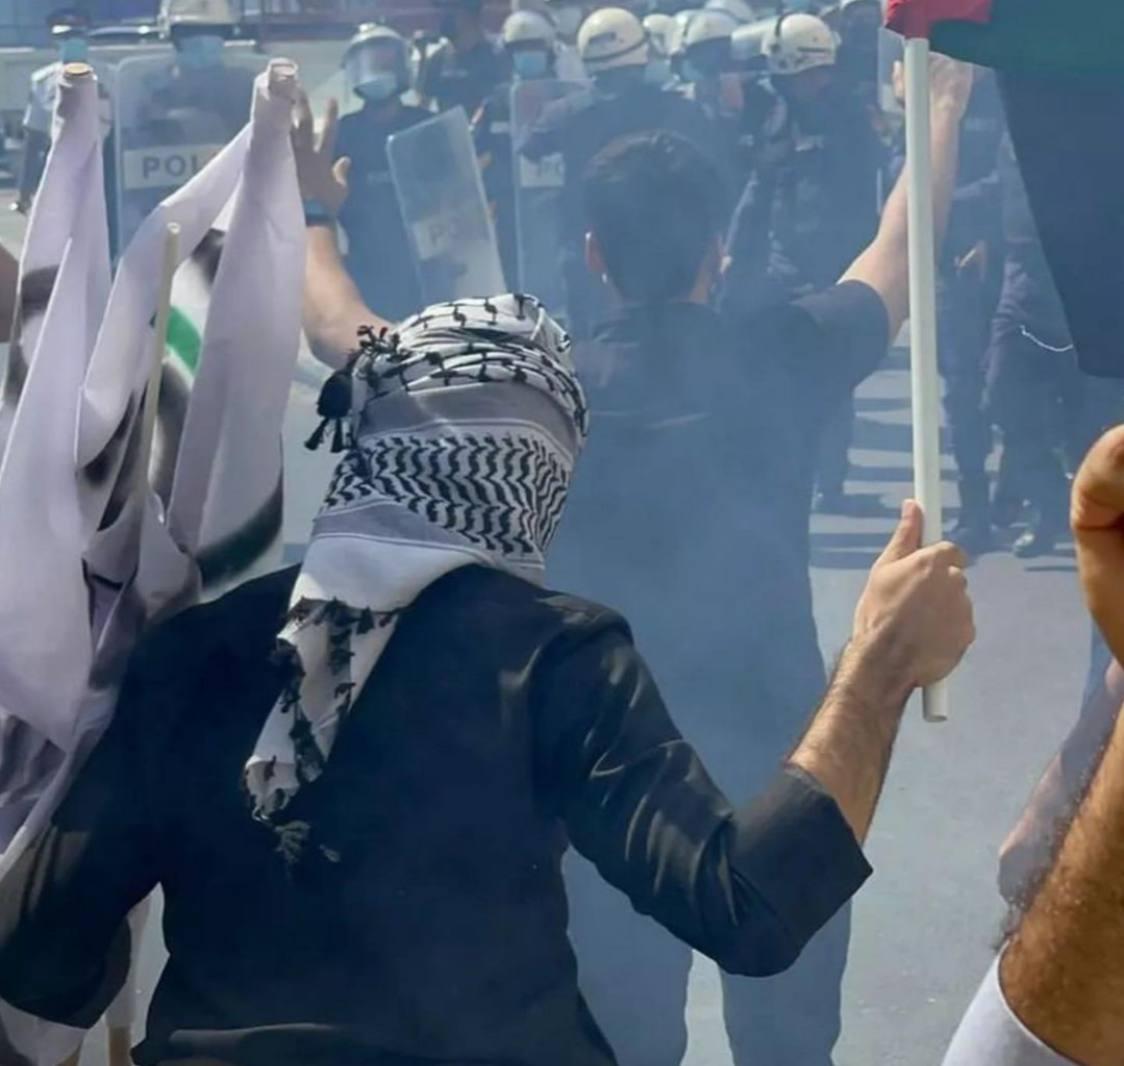 الأمن البحريني يقمع المتظاهرين في محيط السفارة الاسراائيلية بالمنامة